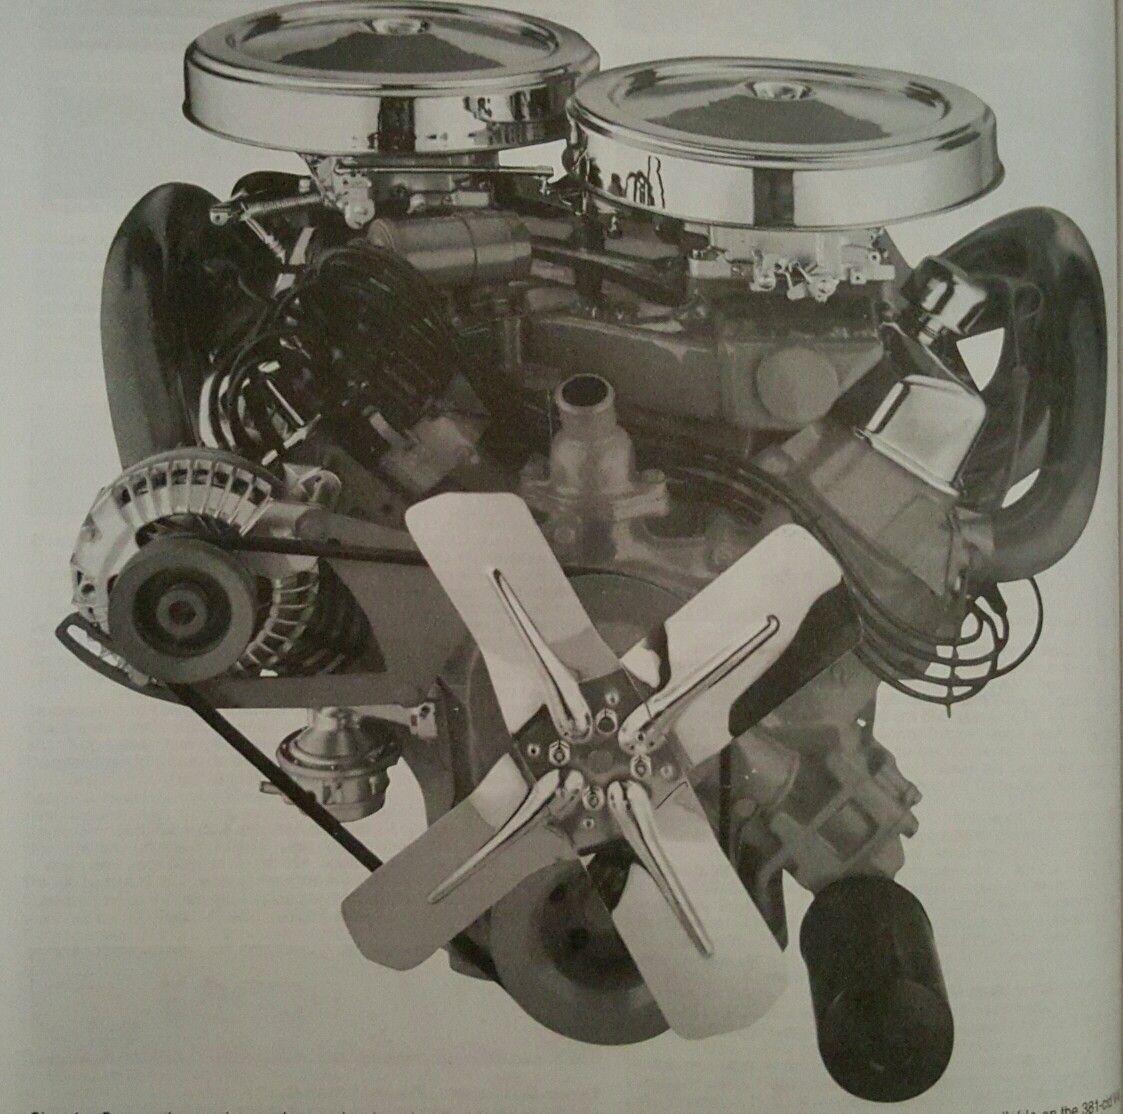 1960 Dodge Dart 383 CID D-500 V8 Engine | Engines and stuff | Mopar